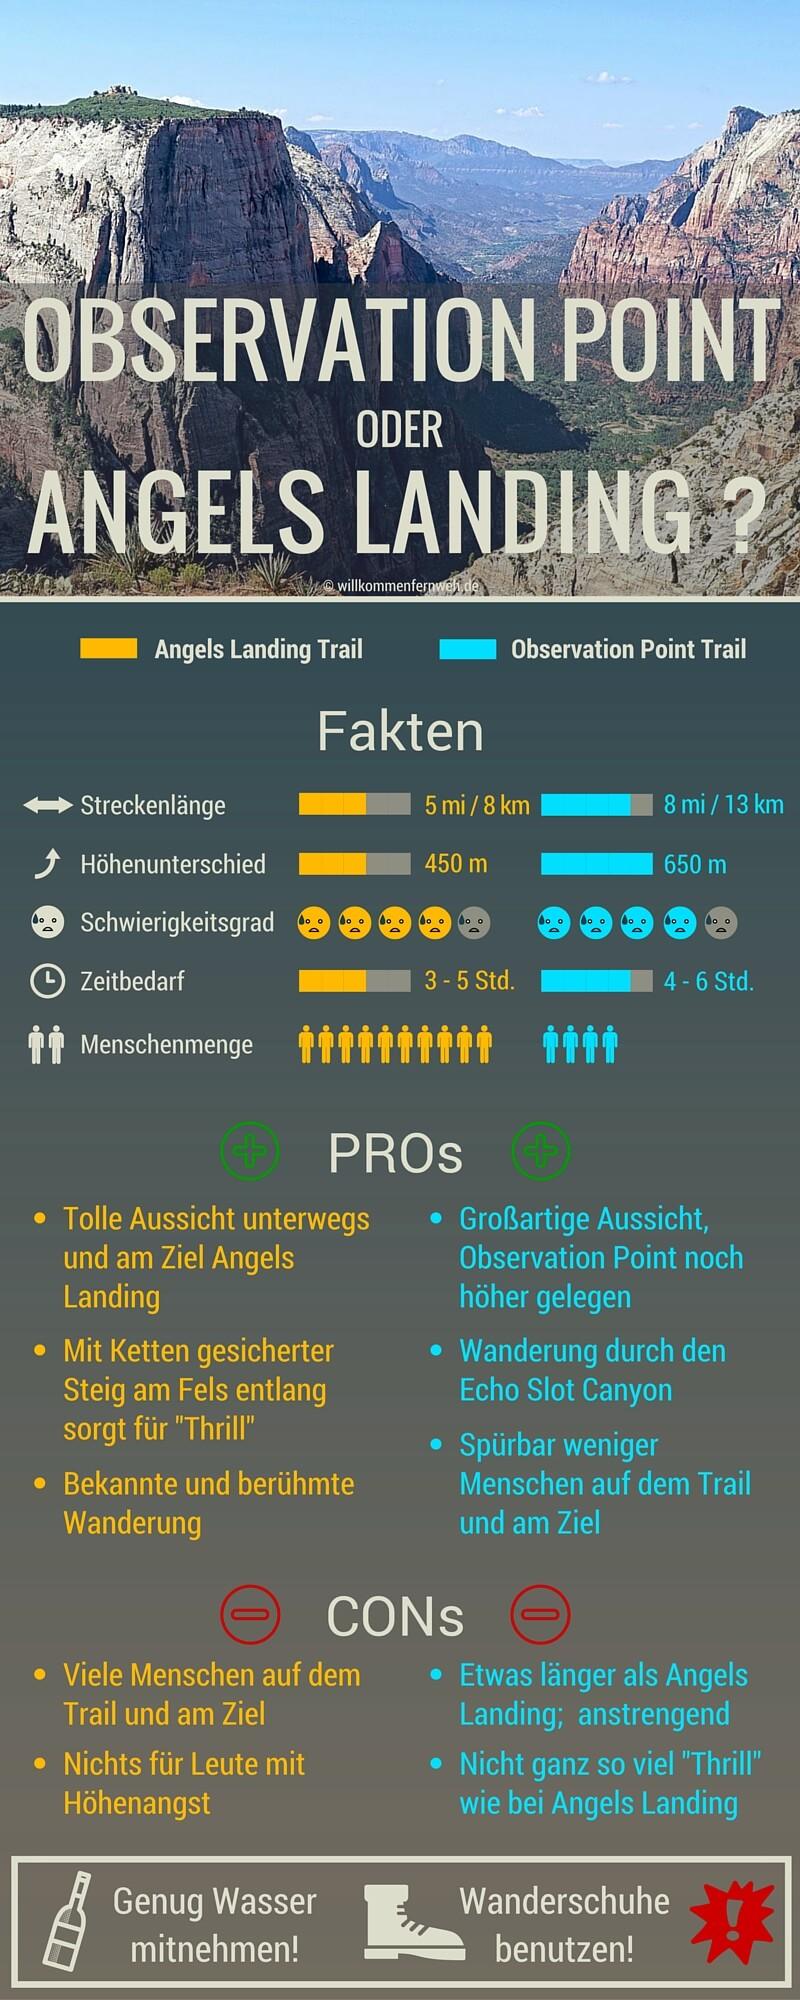 Infografik Observation Point vs Angels Landing